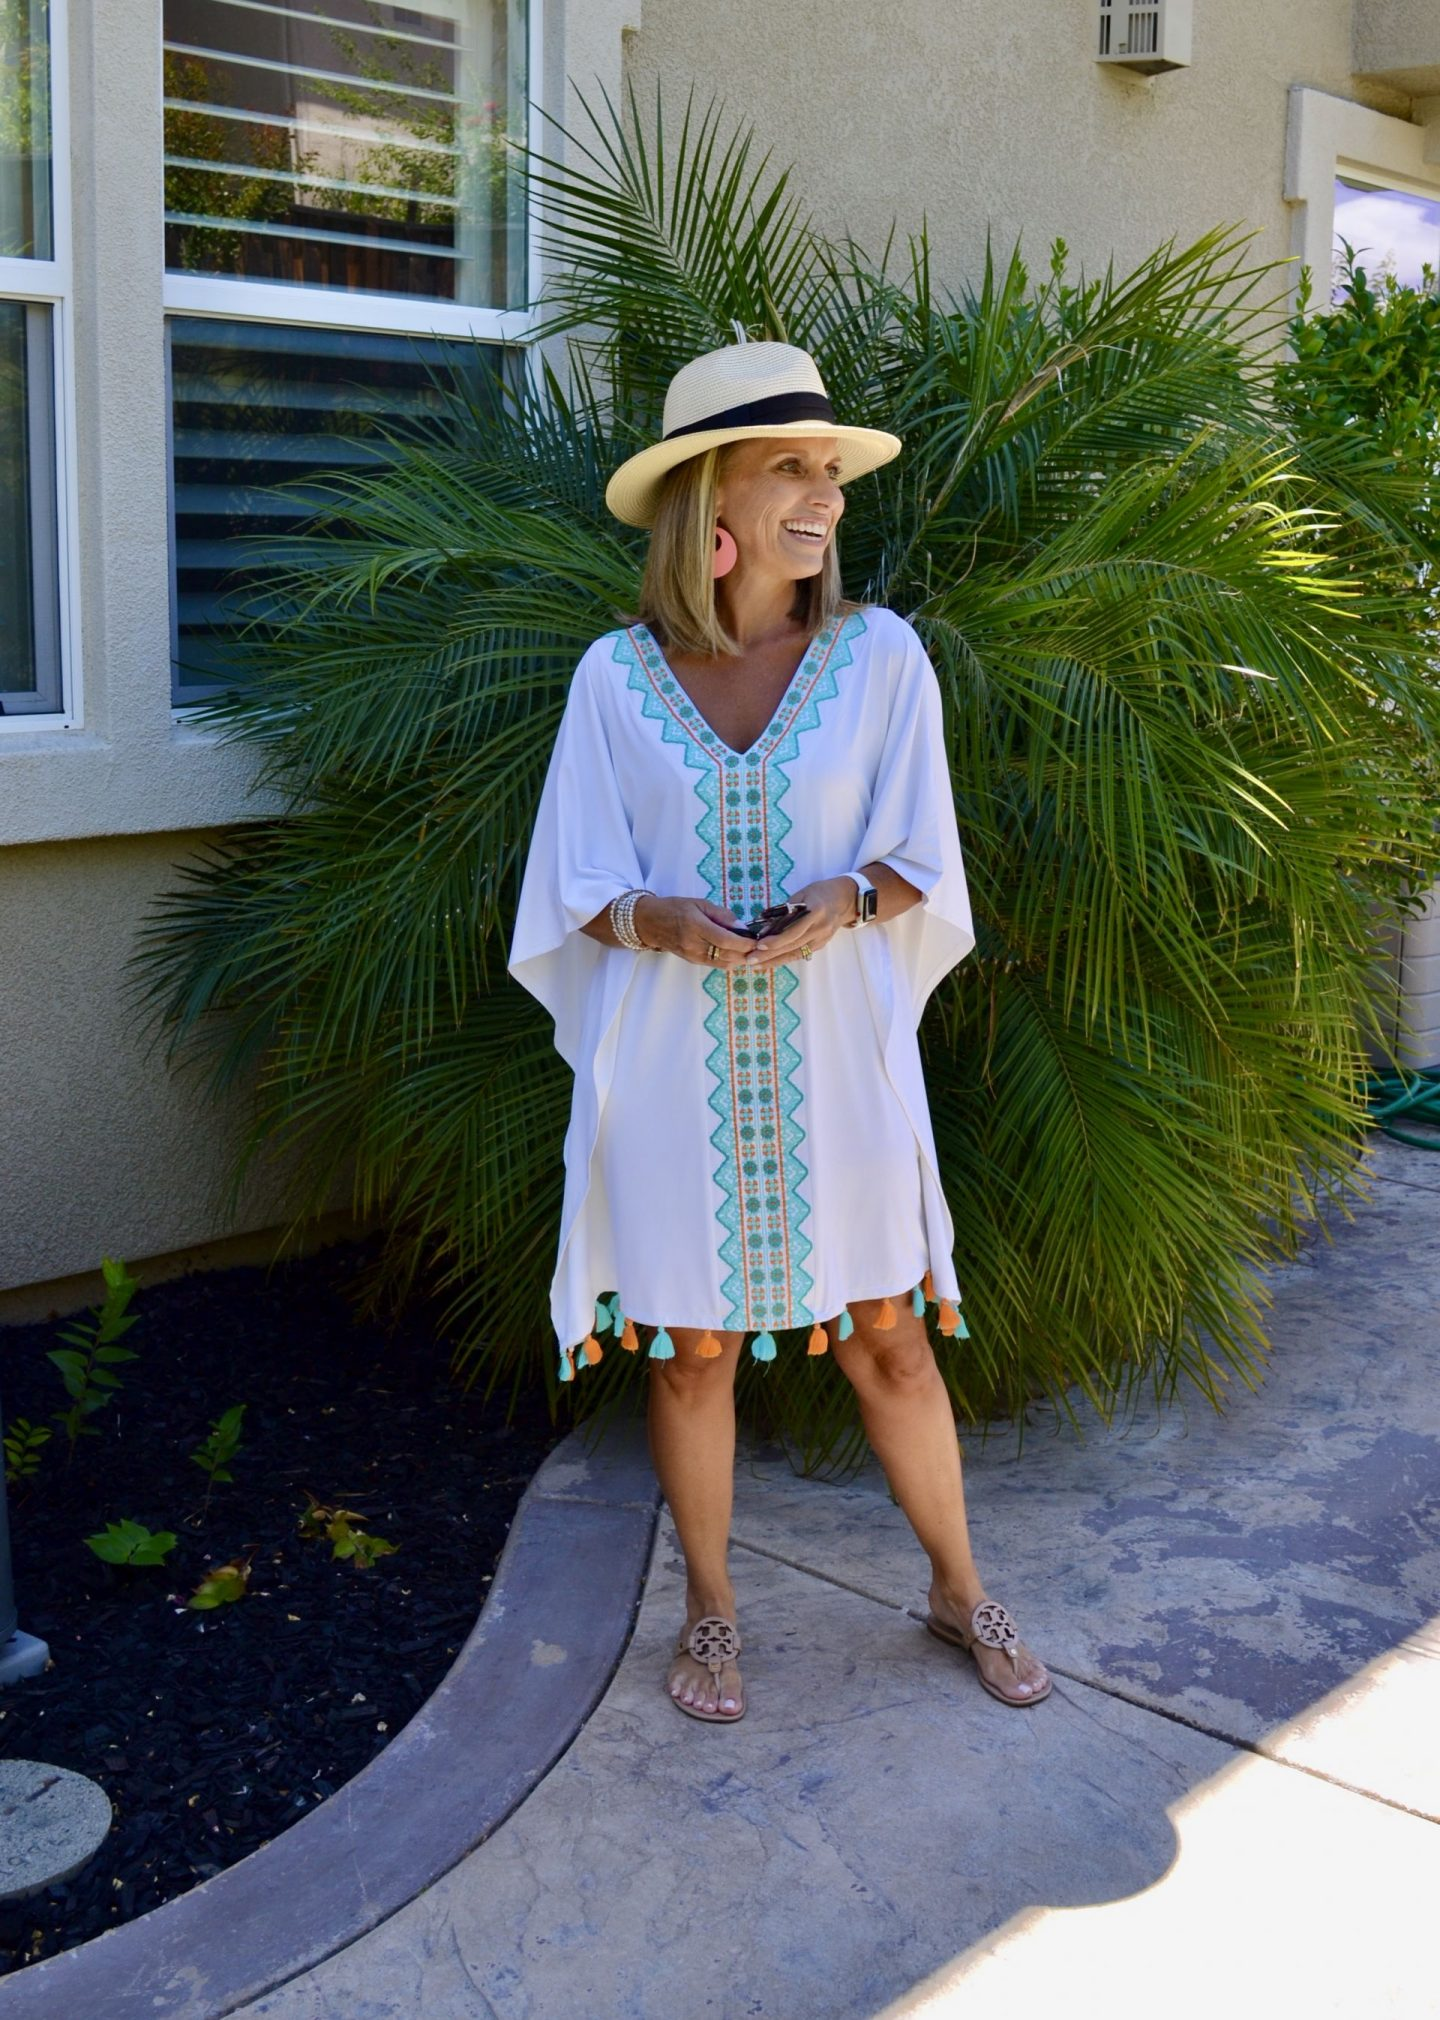 Cabana Life Bathing Suit Cover Up - Coast to Coast